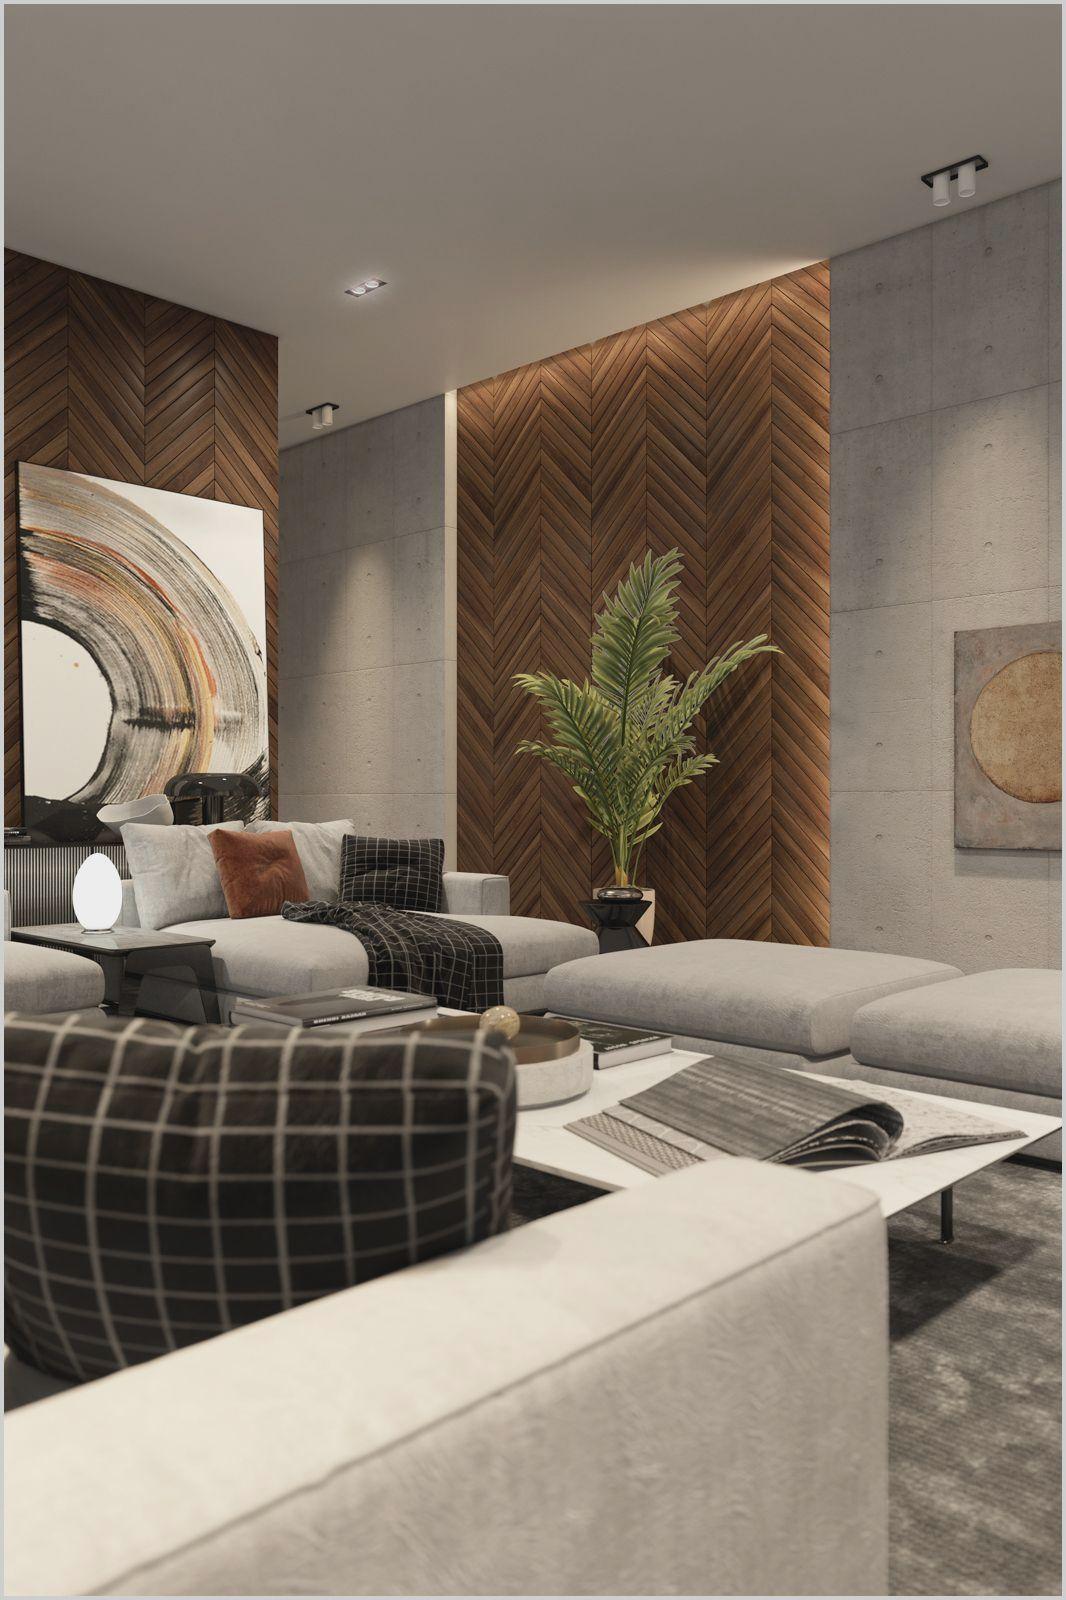 Living Room Wall Cladding Ruang Tamu Rumah Rumah Pembatas Ruangan Living room wood background